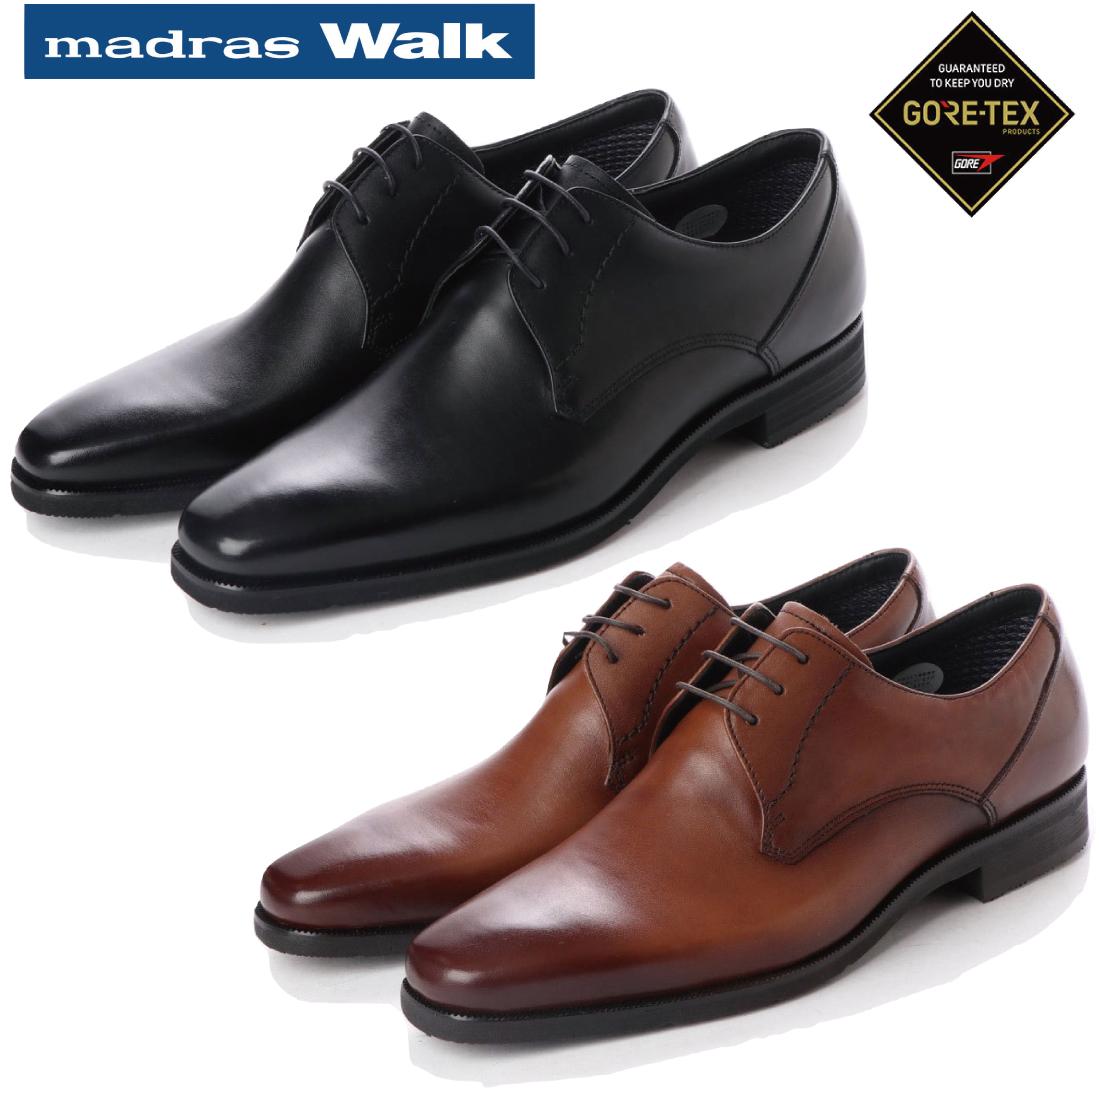 madras Walk マドラス プレーントゥ ビジネス シューズ 防水 ゴアテックス MW5902 【nesh】 【新品】